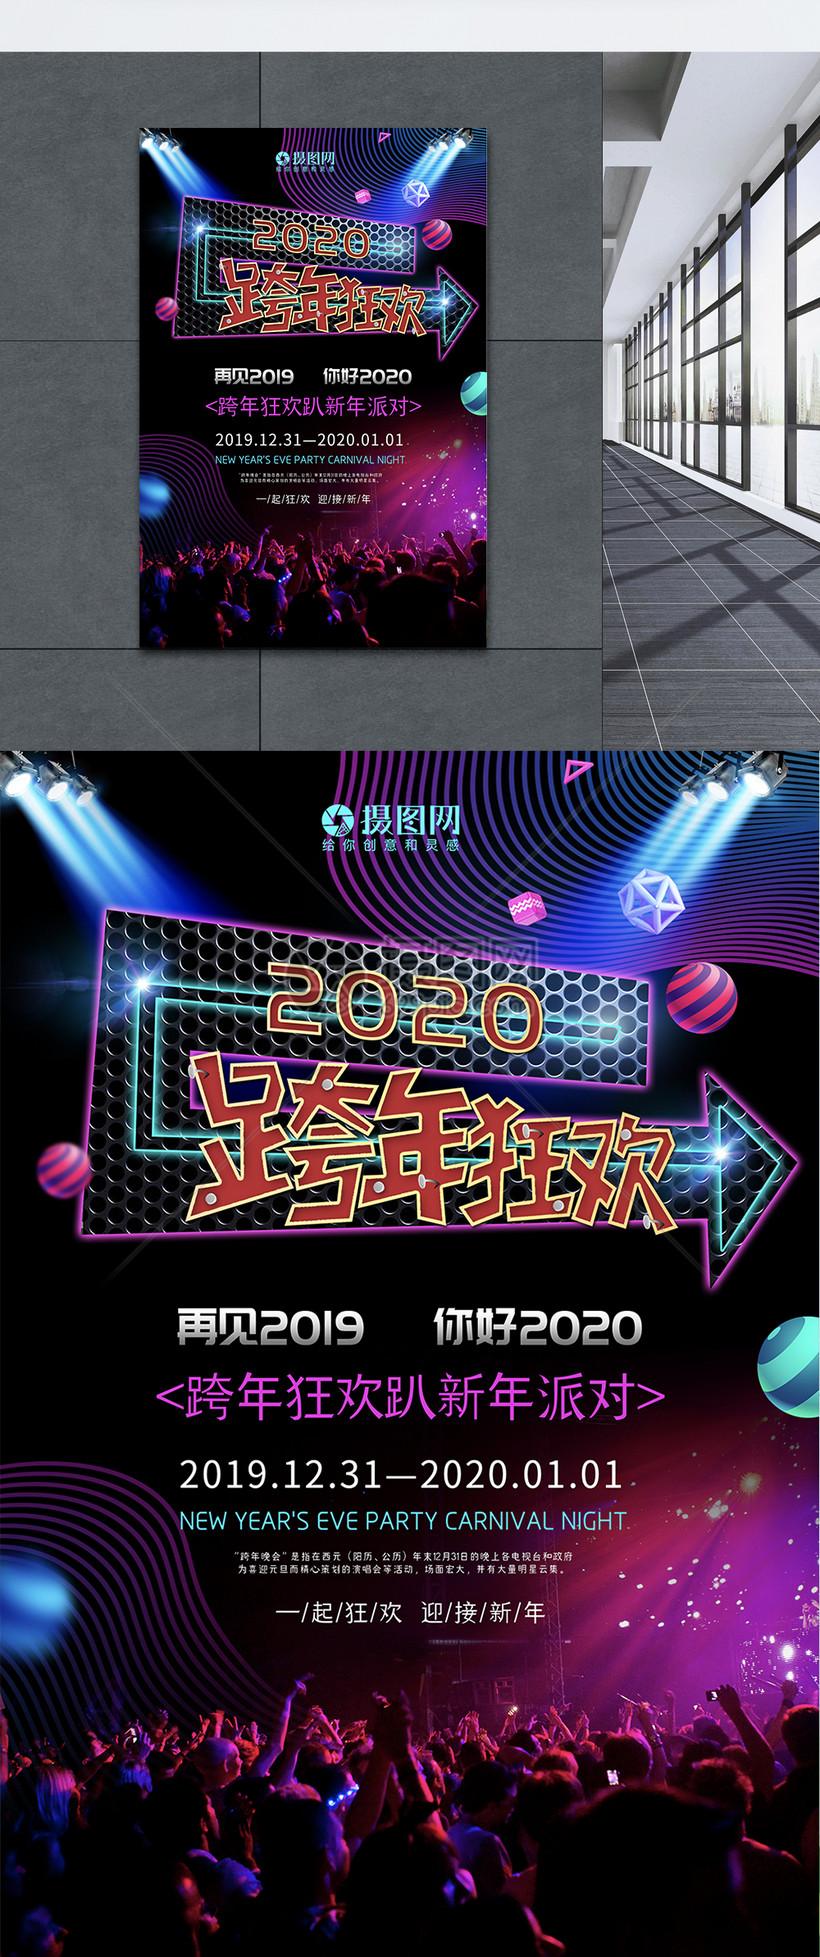 新年晚会海报素材_炫彩2020跨年狂欢海报模板素材-正版图片400932723-摄图网